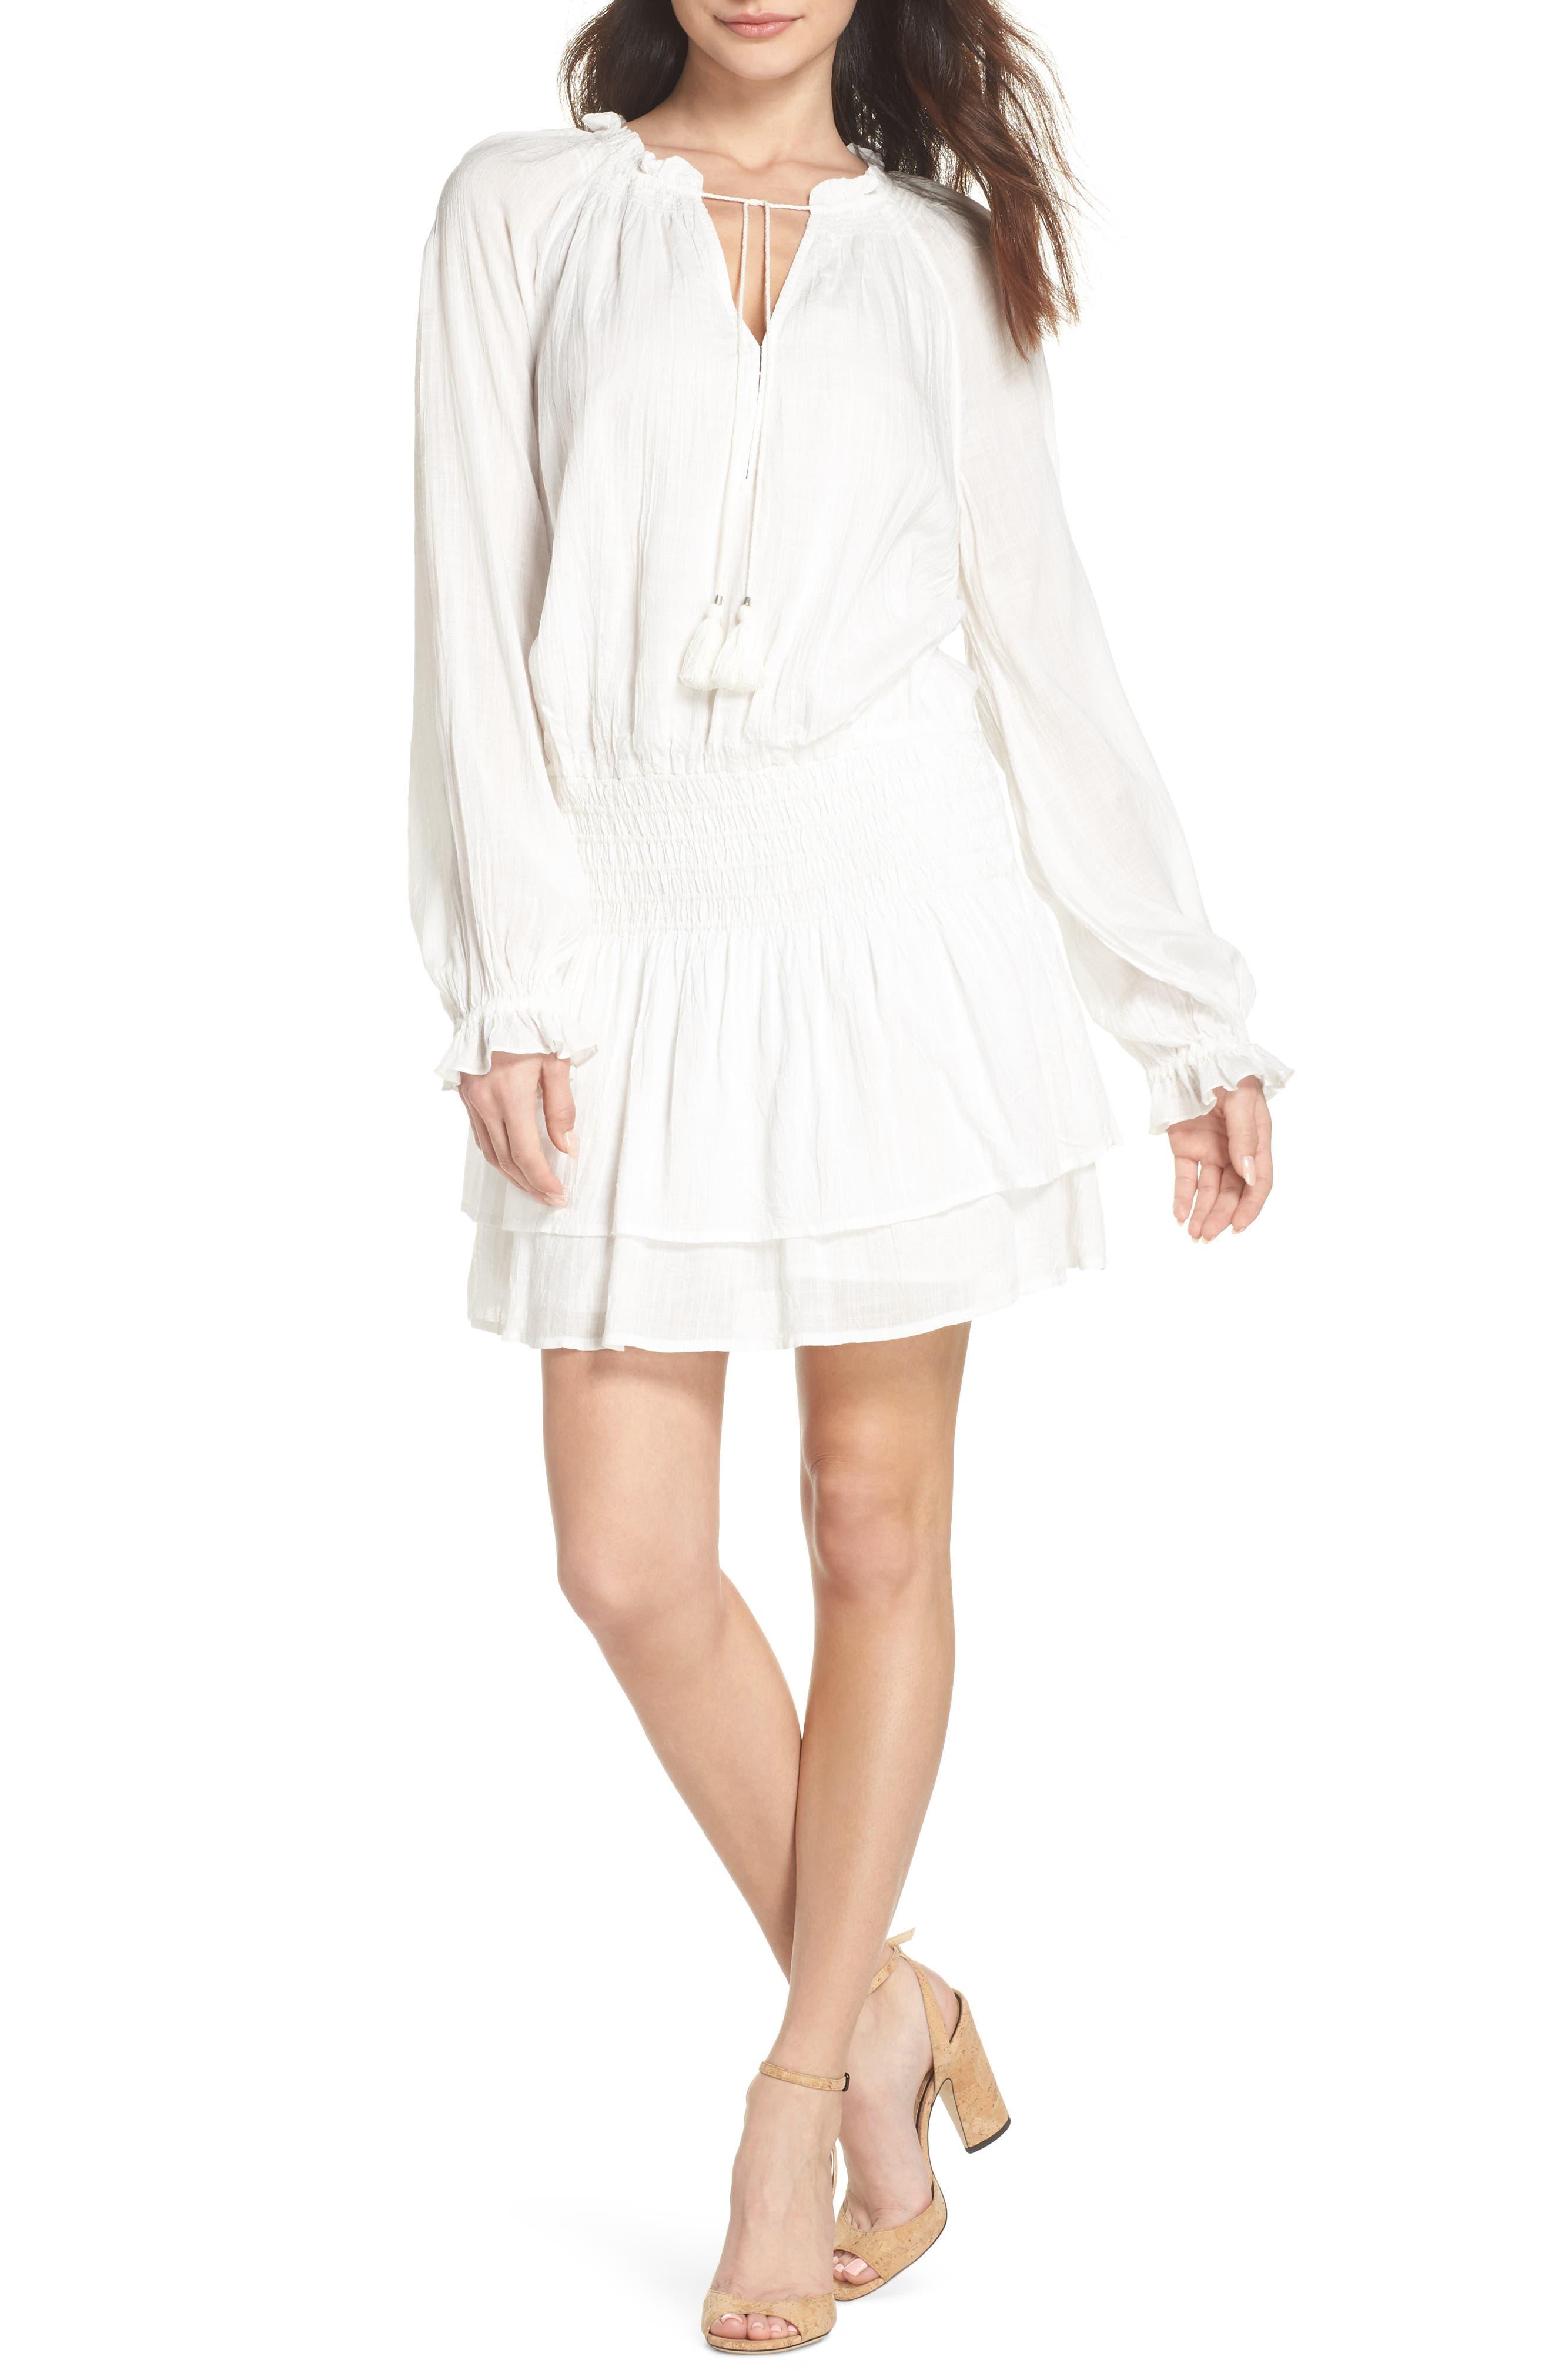 Lemay Peasant Dress,                         Main,                         color, 100